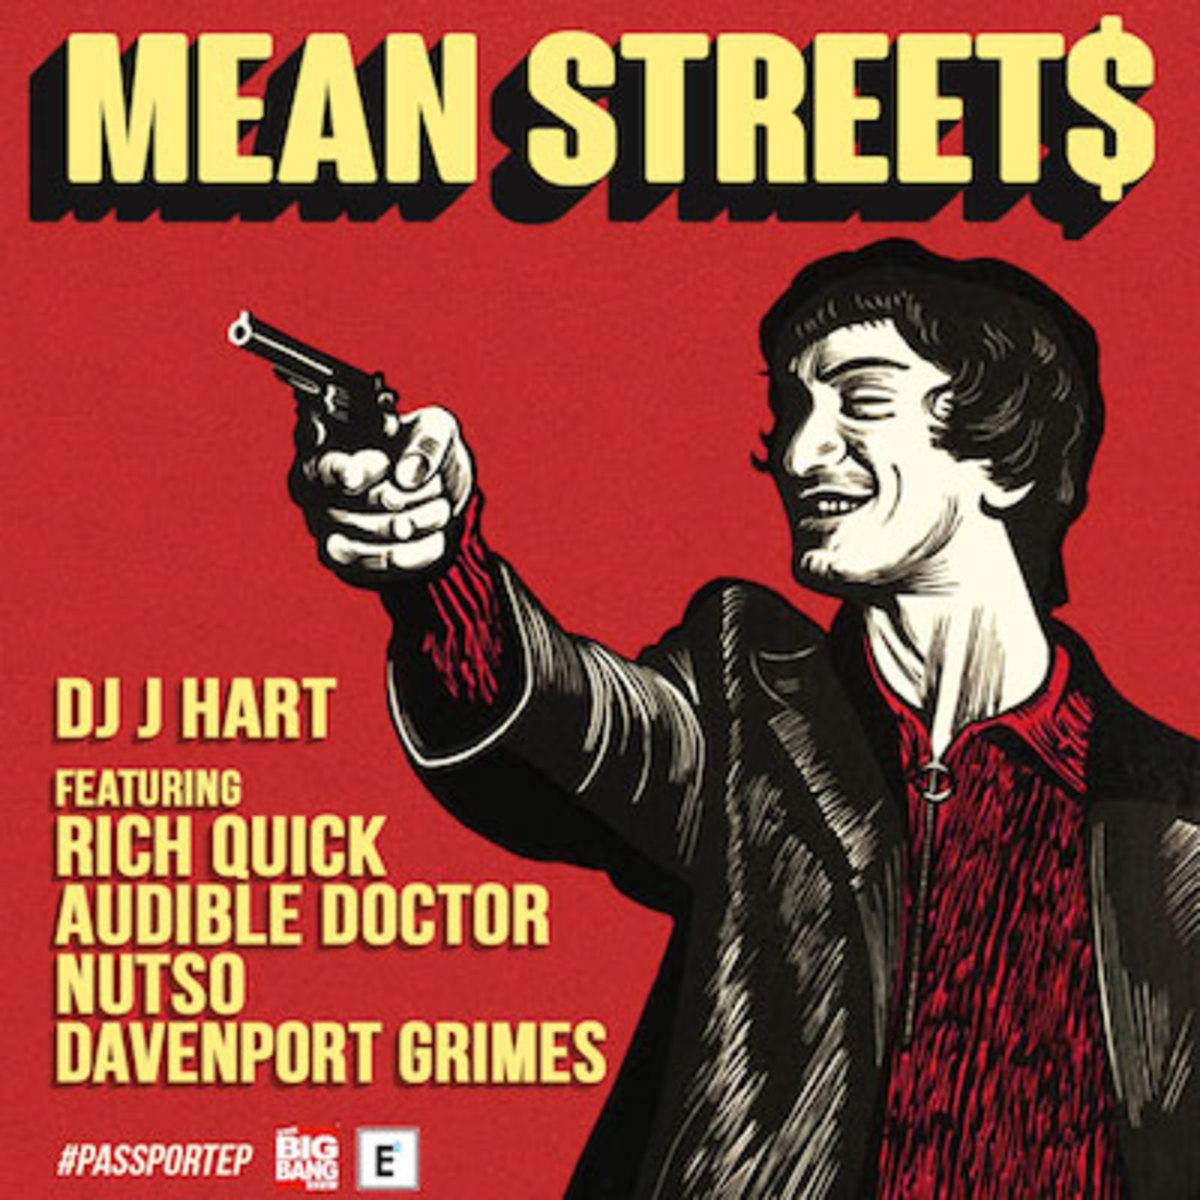 dj-j-hart-mean-streets.jpg